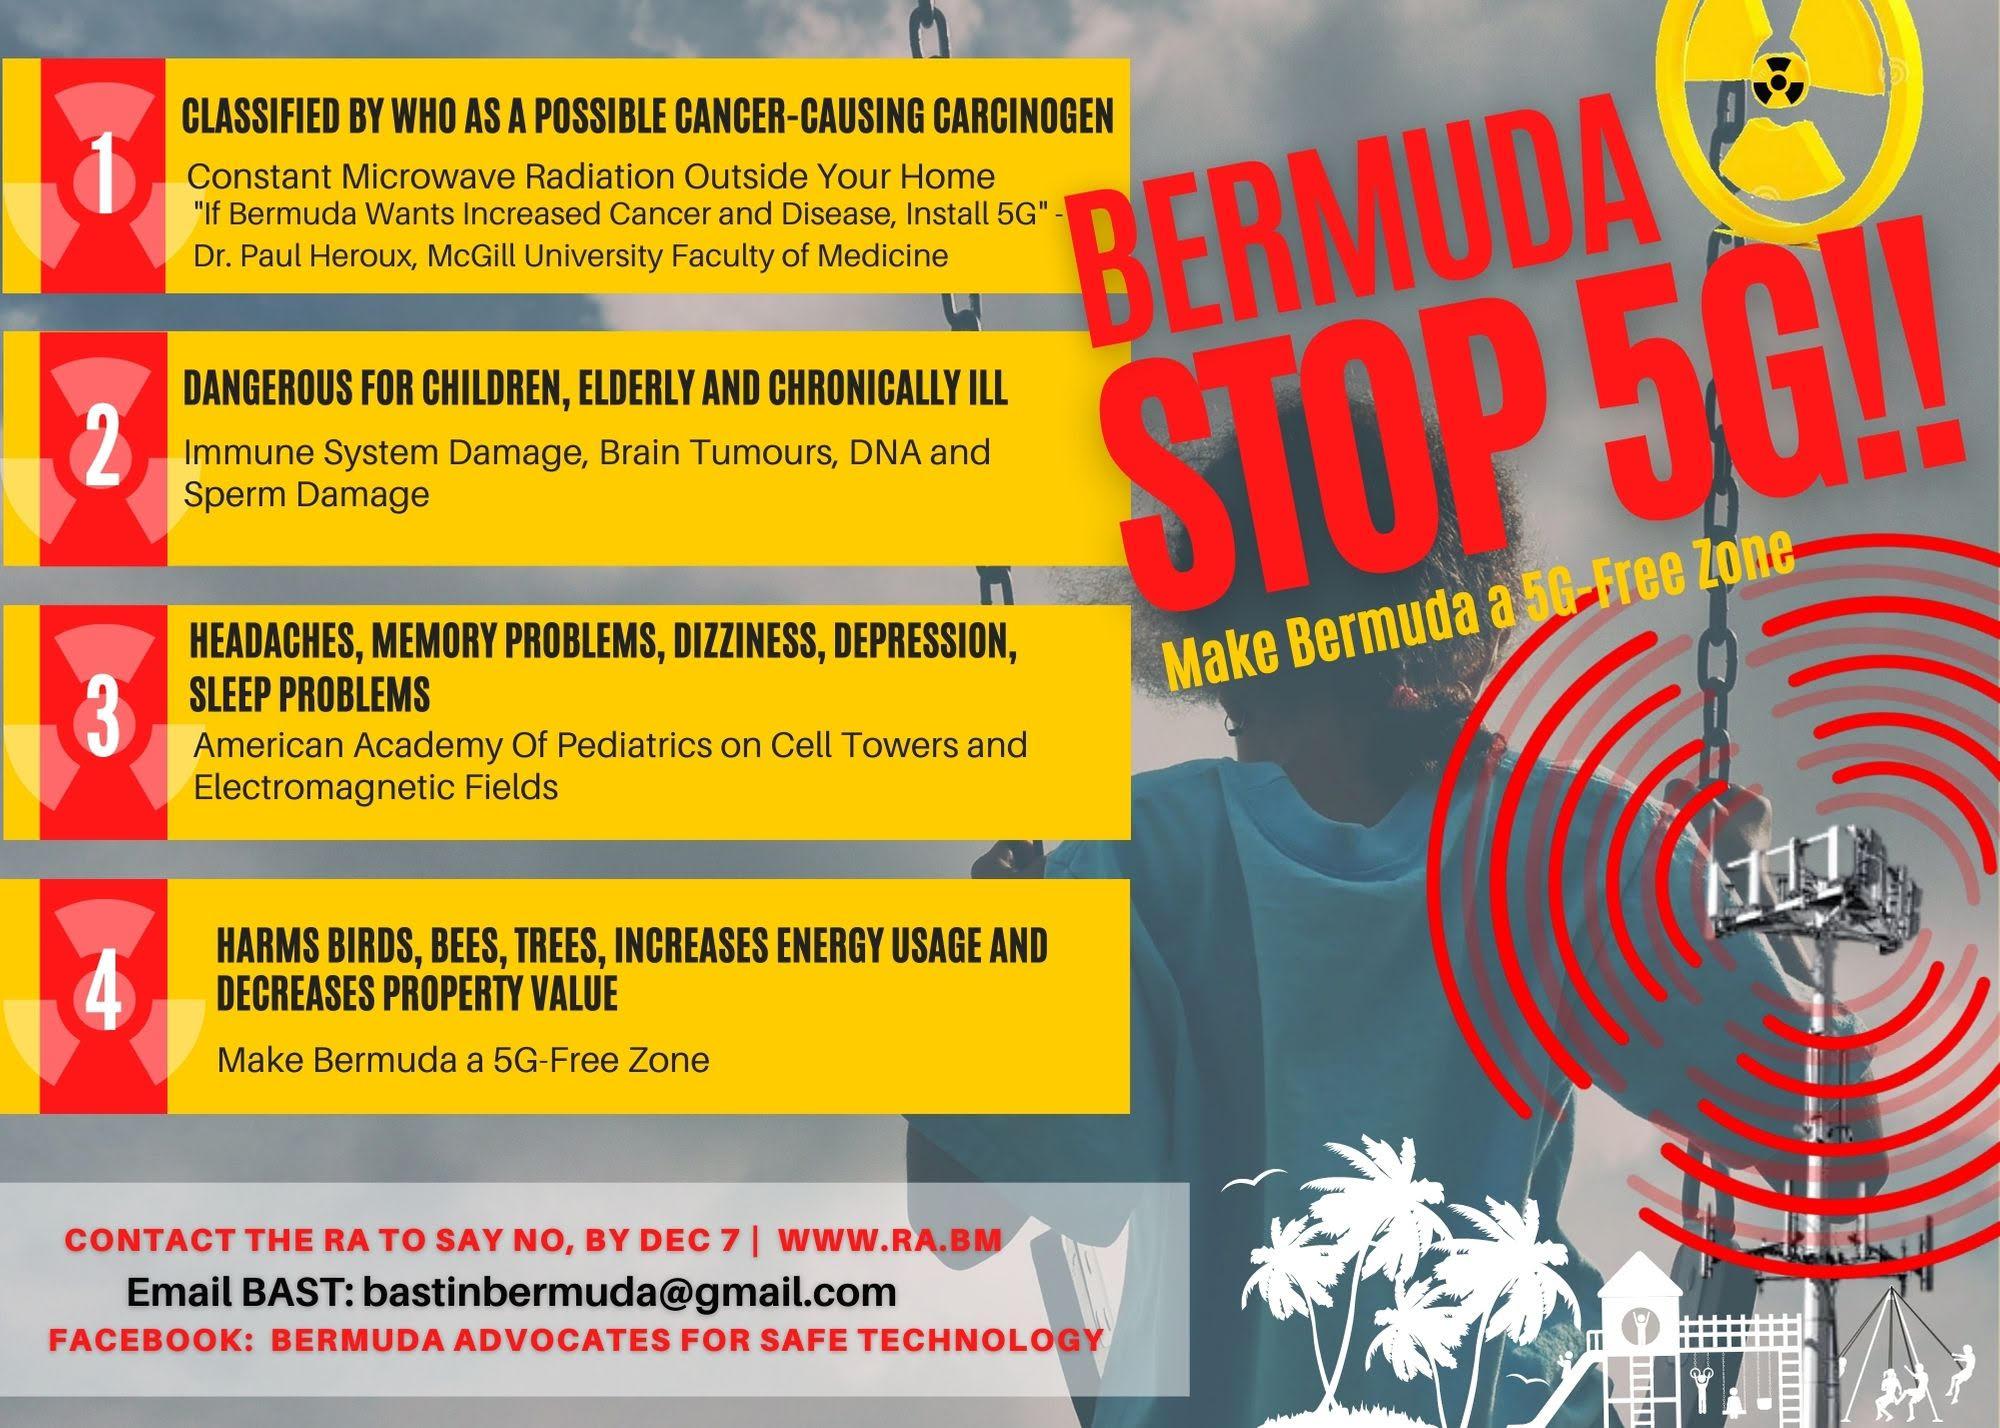 Bermuda STOP 5G!!